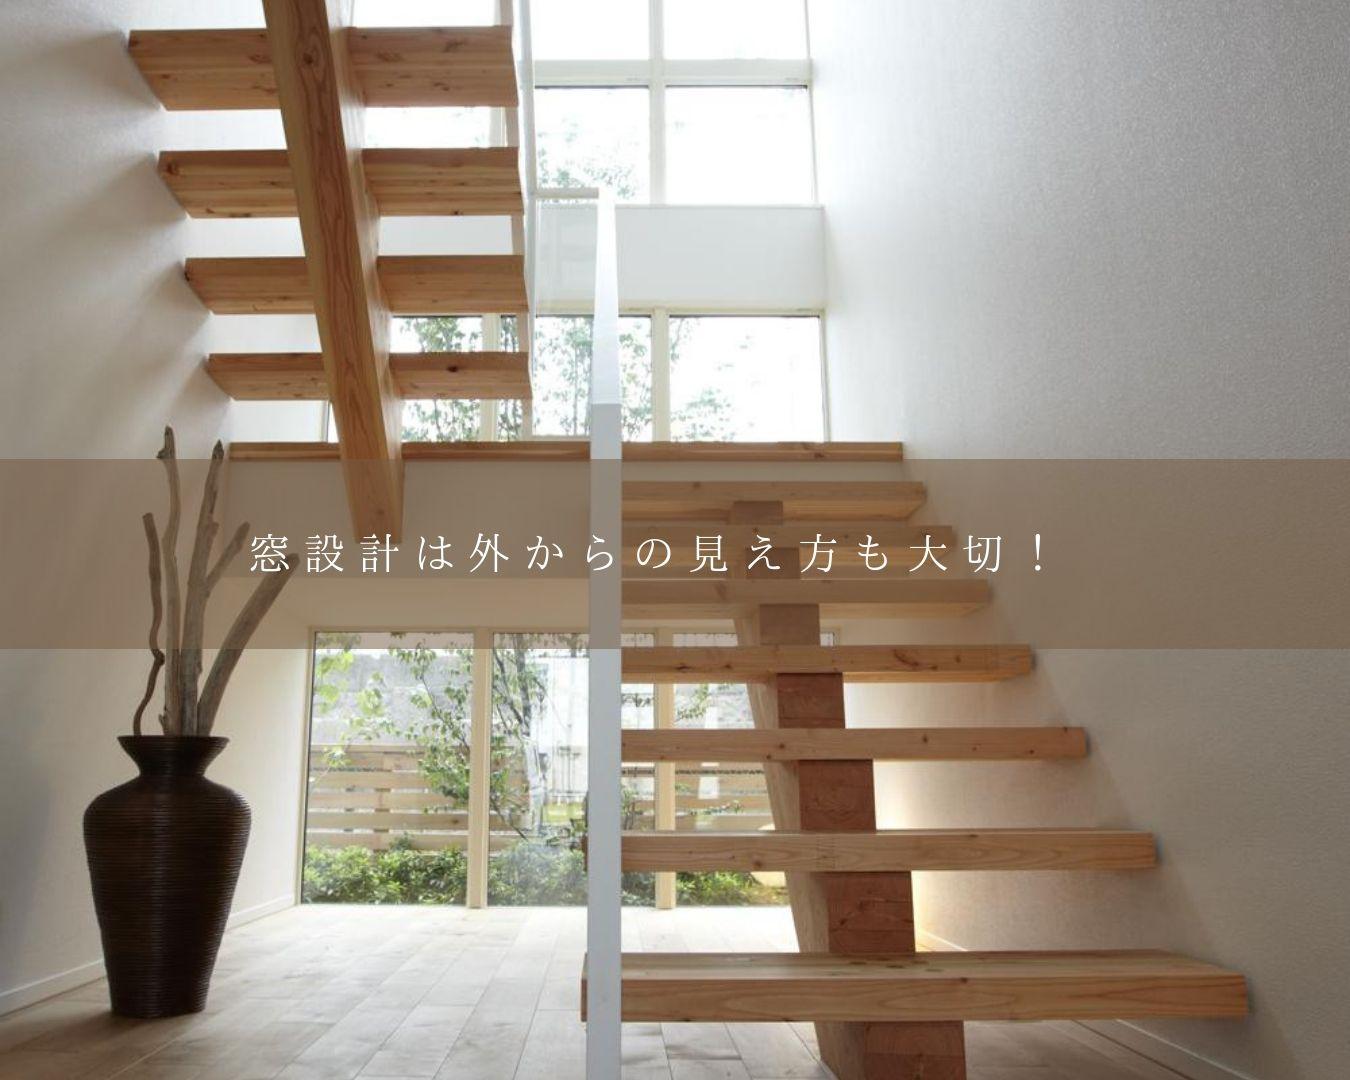 窓のデザインで家も変わる♪ 立地・過ごし方に合わせた窓設計